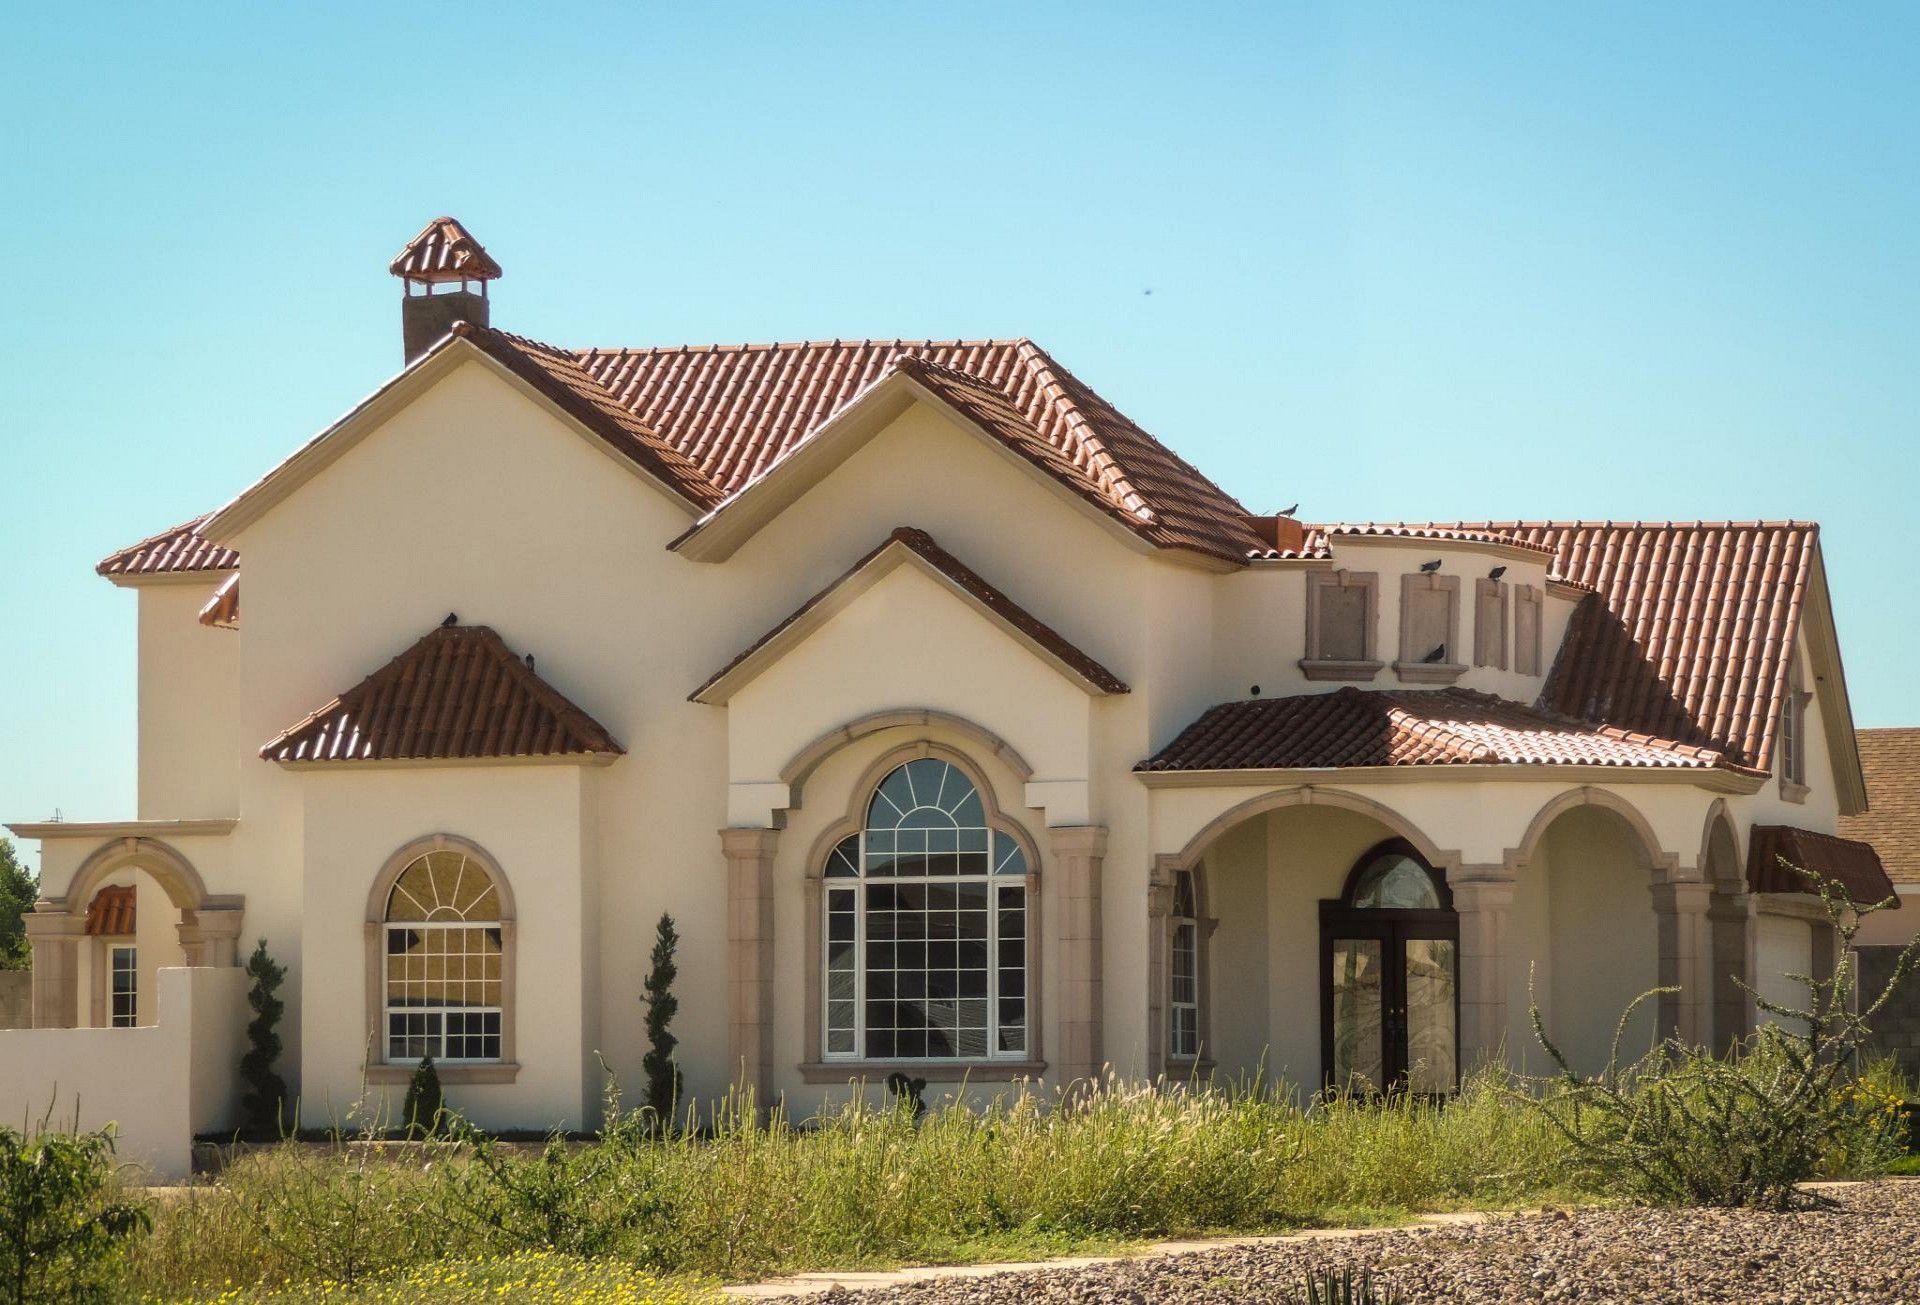 Casas con color teja buscar con google ideas para el for Casas con techo de teja